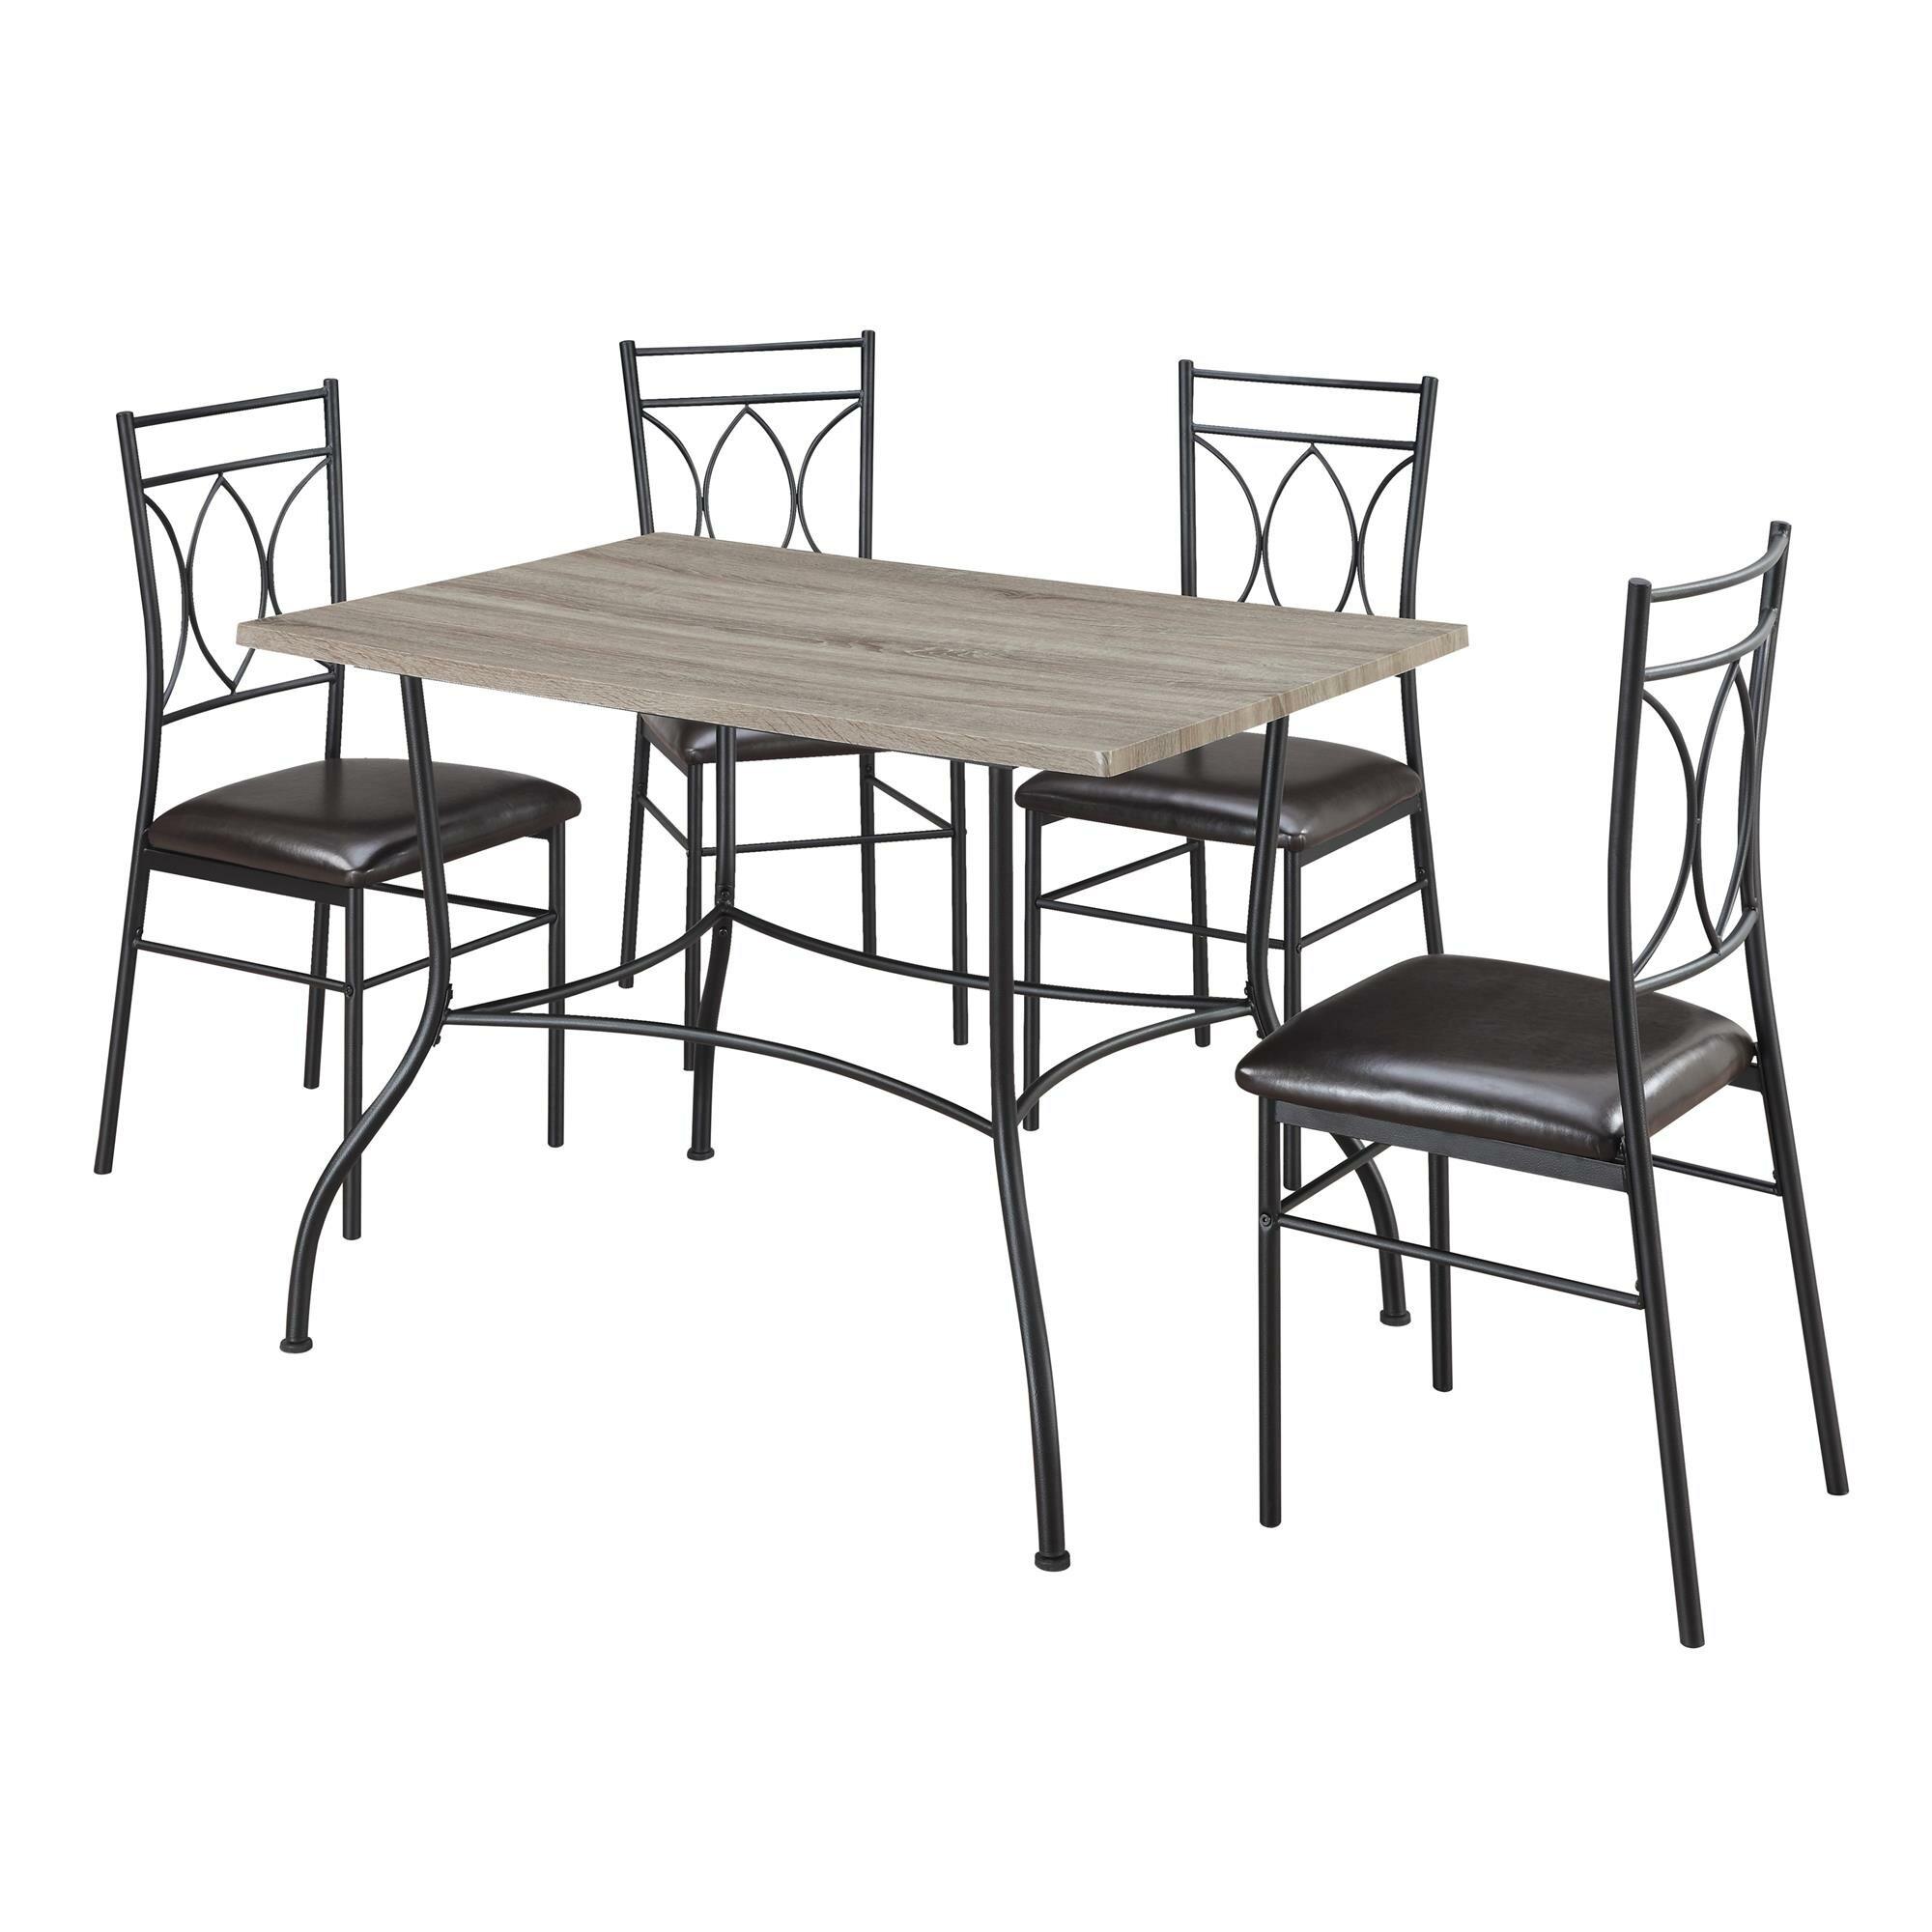 Dorel living shelby 5 piece dining set reviews wayfair for 5 piece living room set